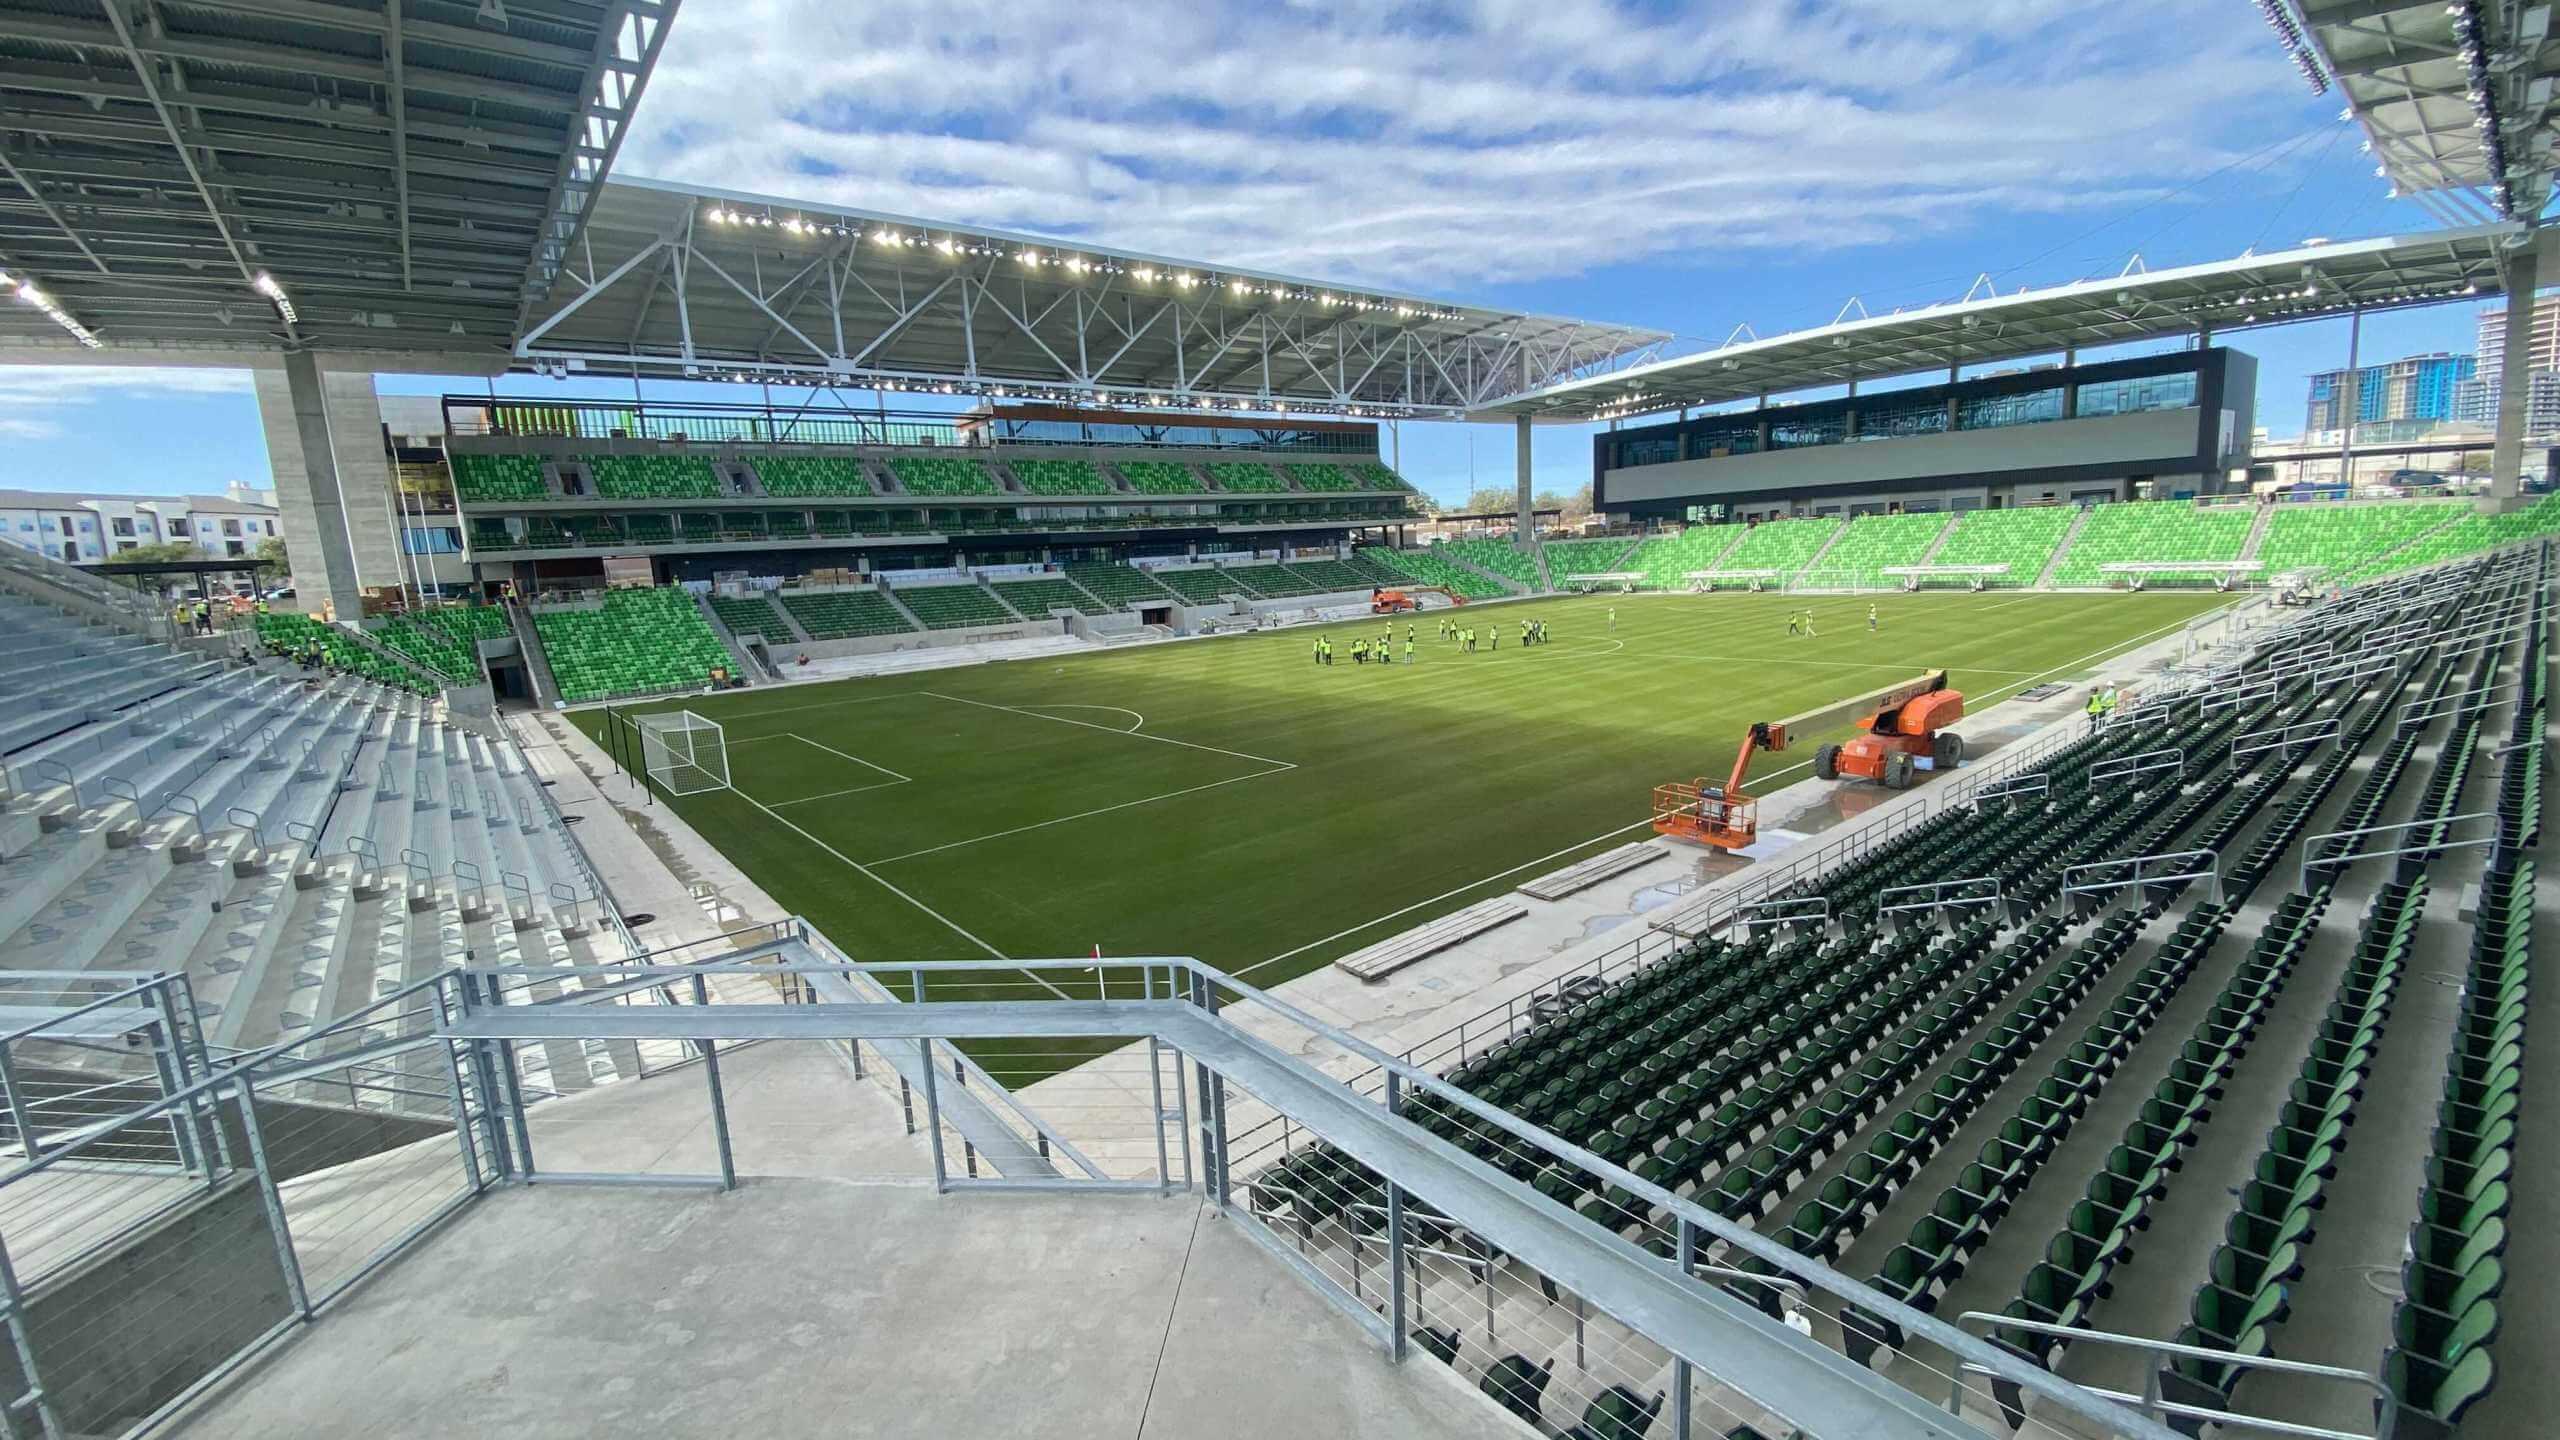 Austin FC Q2 Stadium - SCG Field portfolio